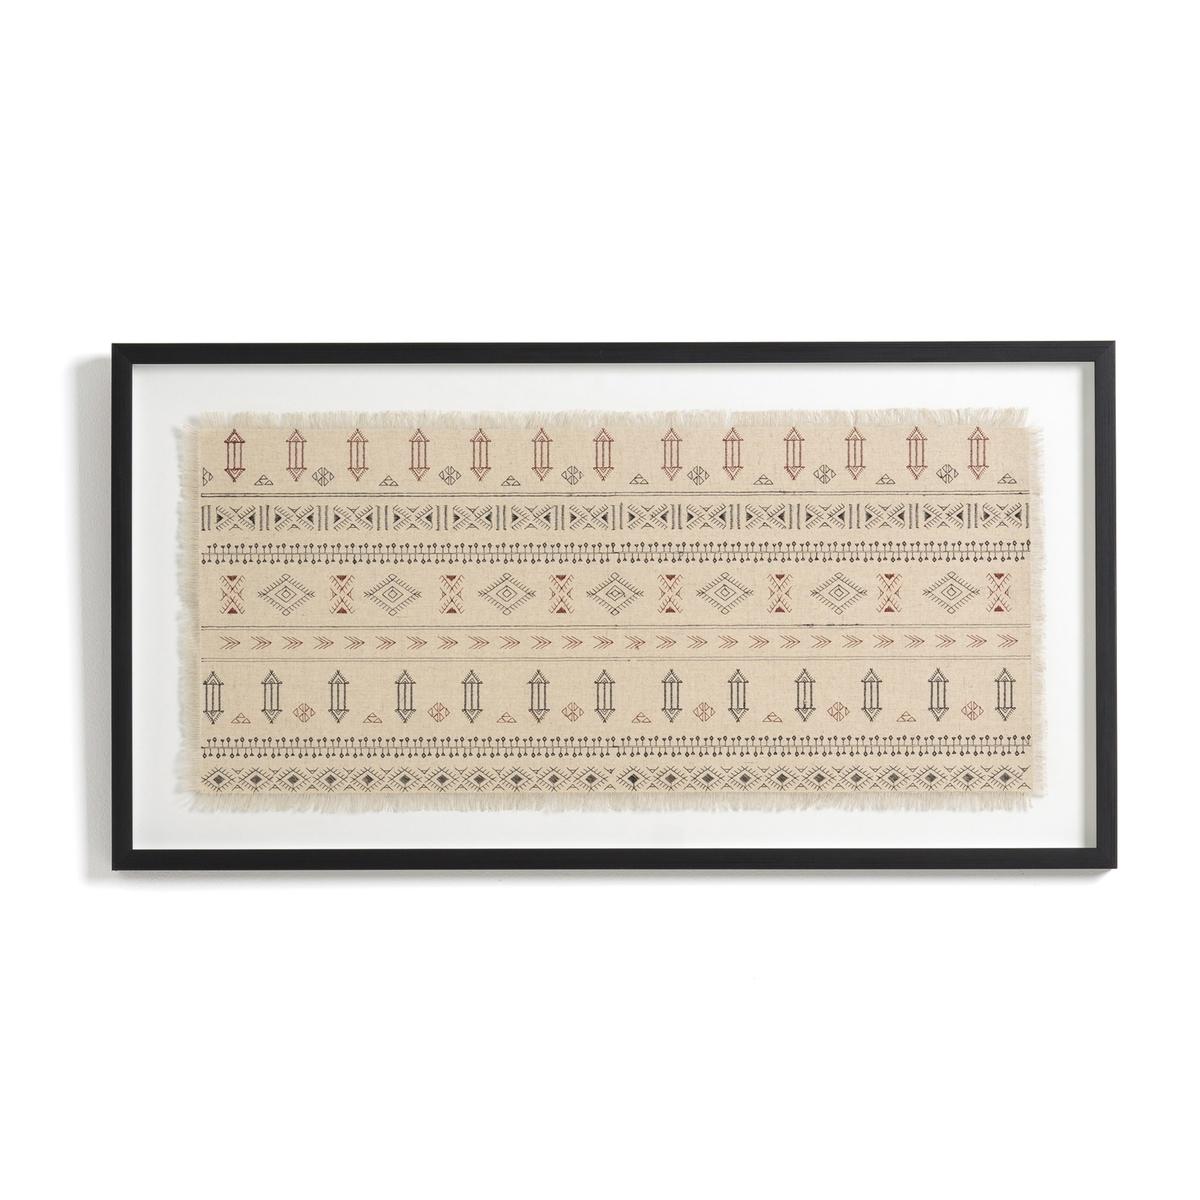 Украшение La Redoute Настенное в берберском стиле Thora модель единый размер бежевый ковер la redoute в берберском стиле из шерсти tekouma 120 x 180 см бежевый